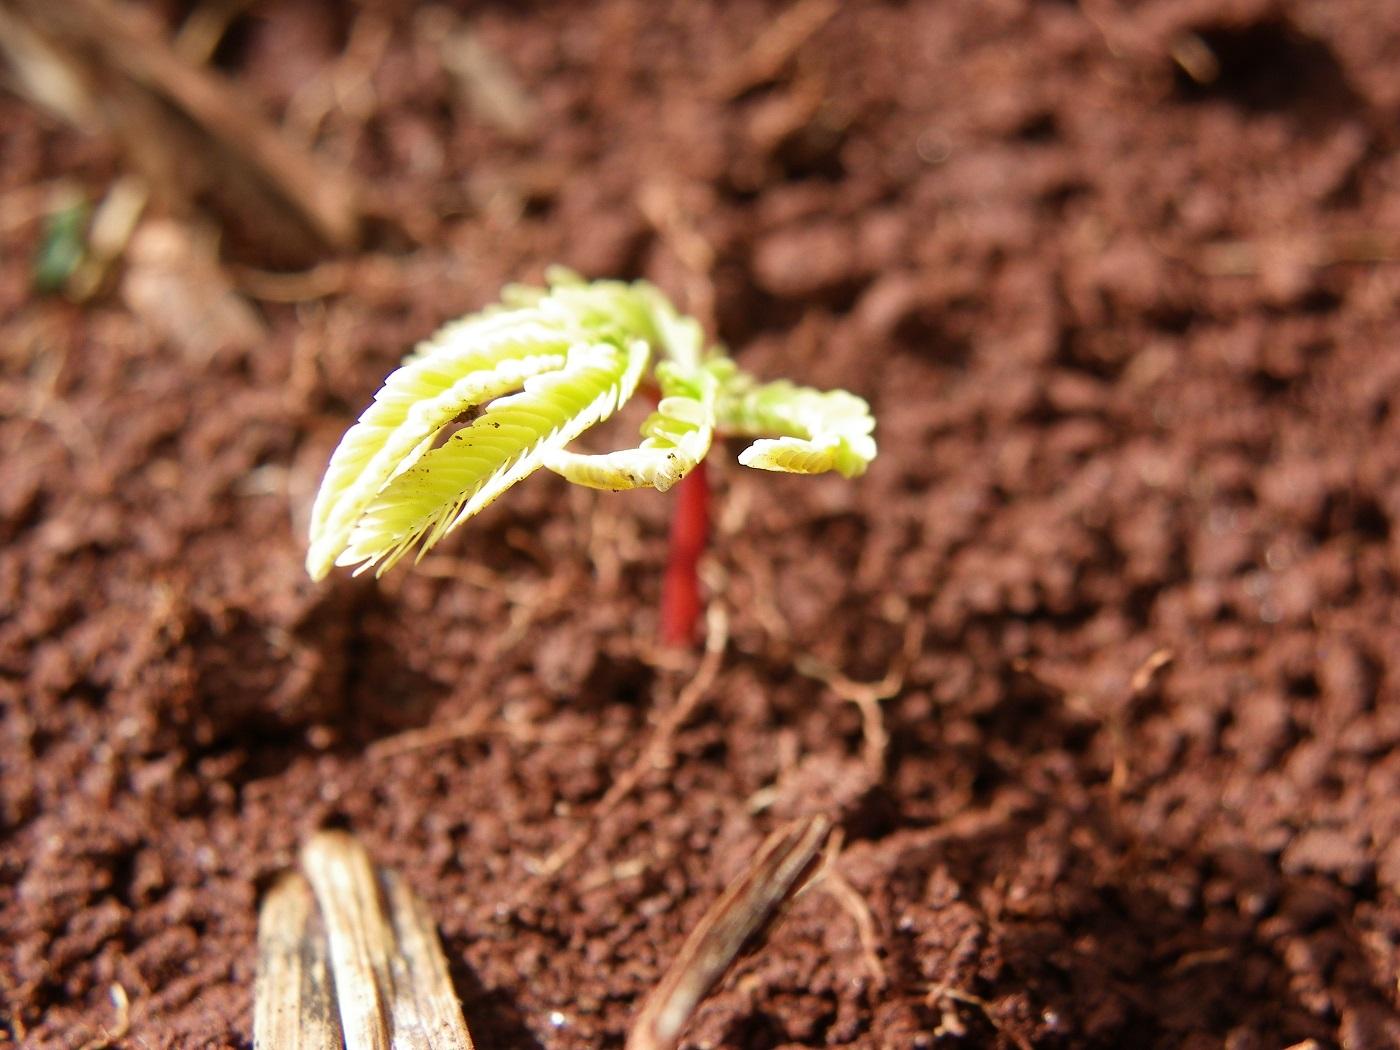 Muda de angico germinando em uma área de reflorestamento. Foto Letícia Garcia